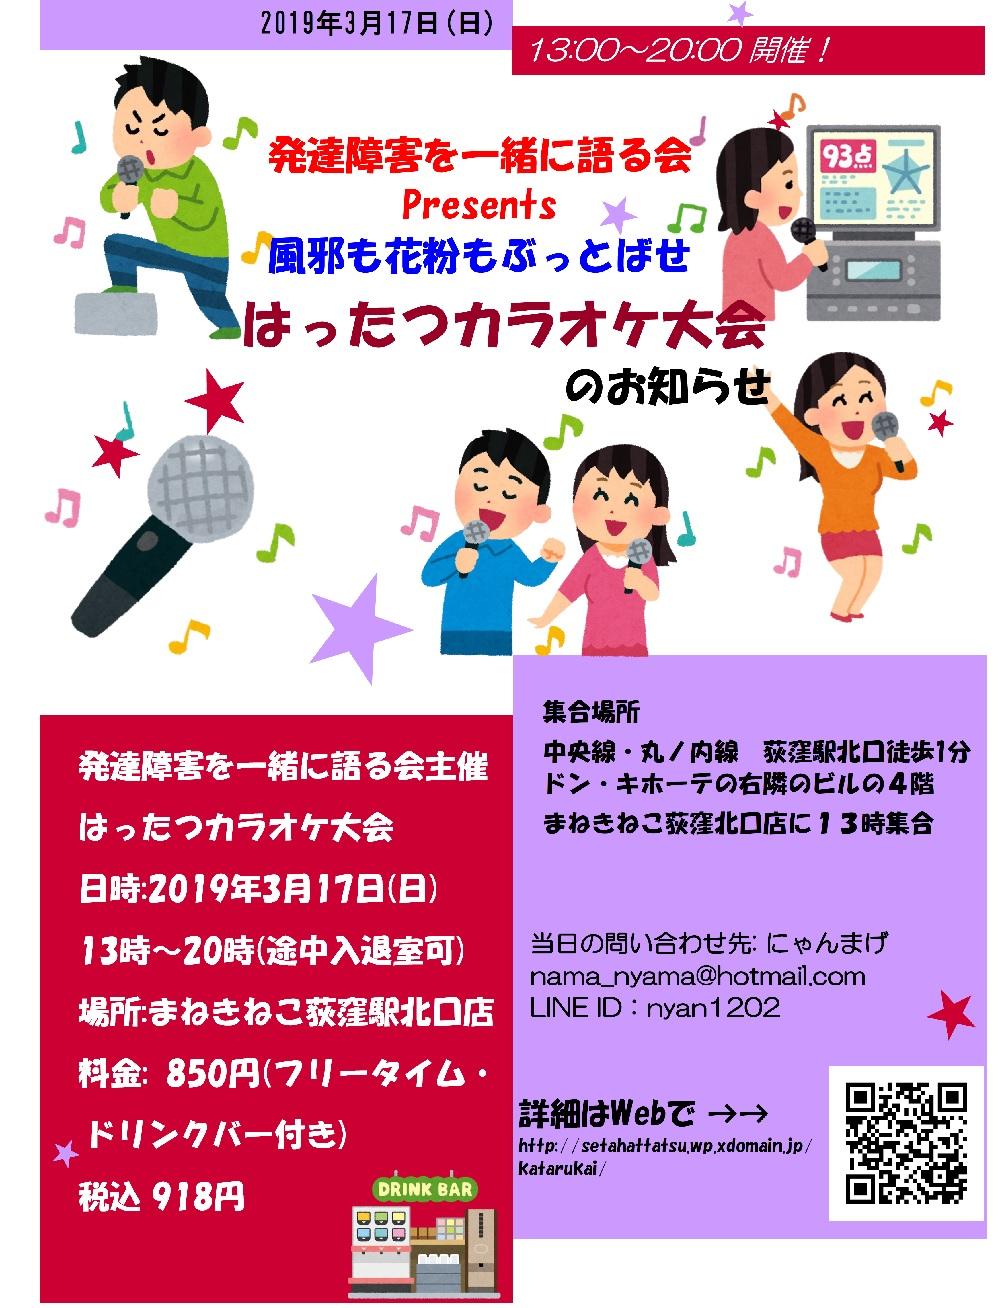 3/17(日)東京・荻窪で「はったつカラオケ大会」